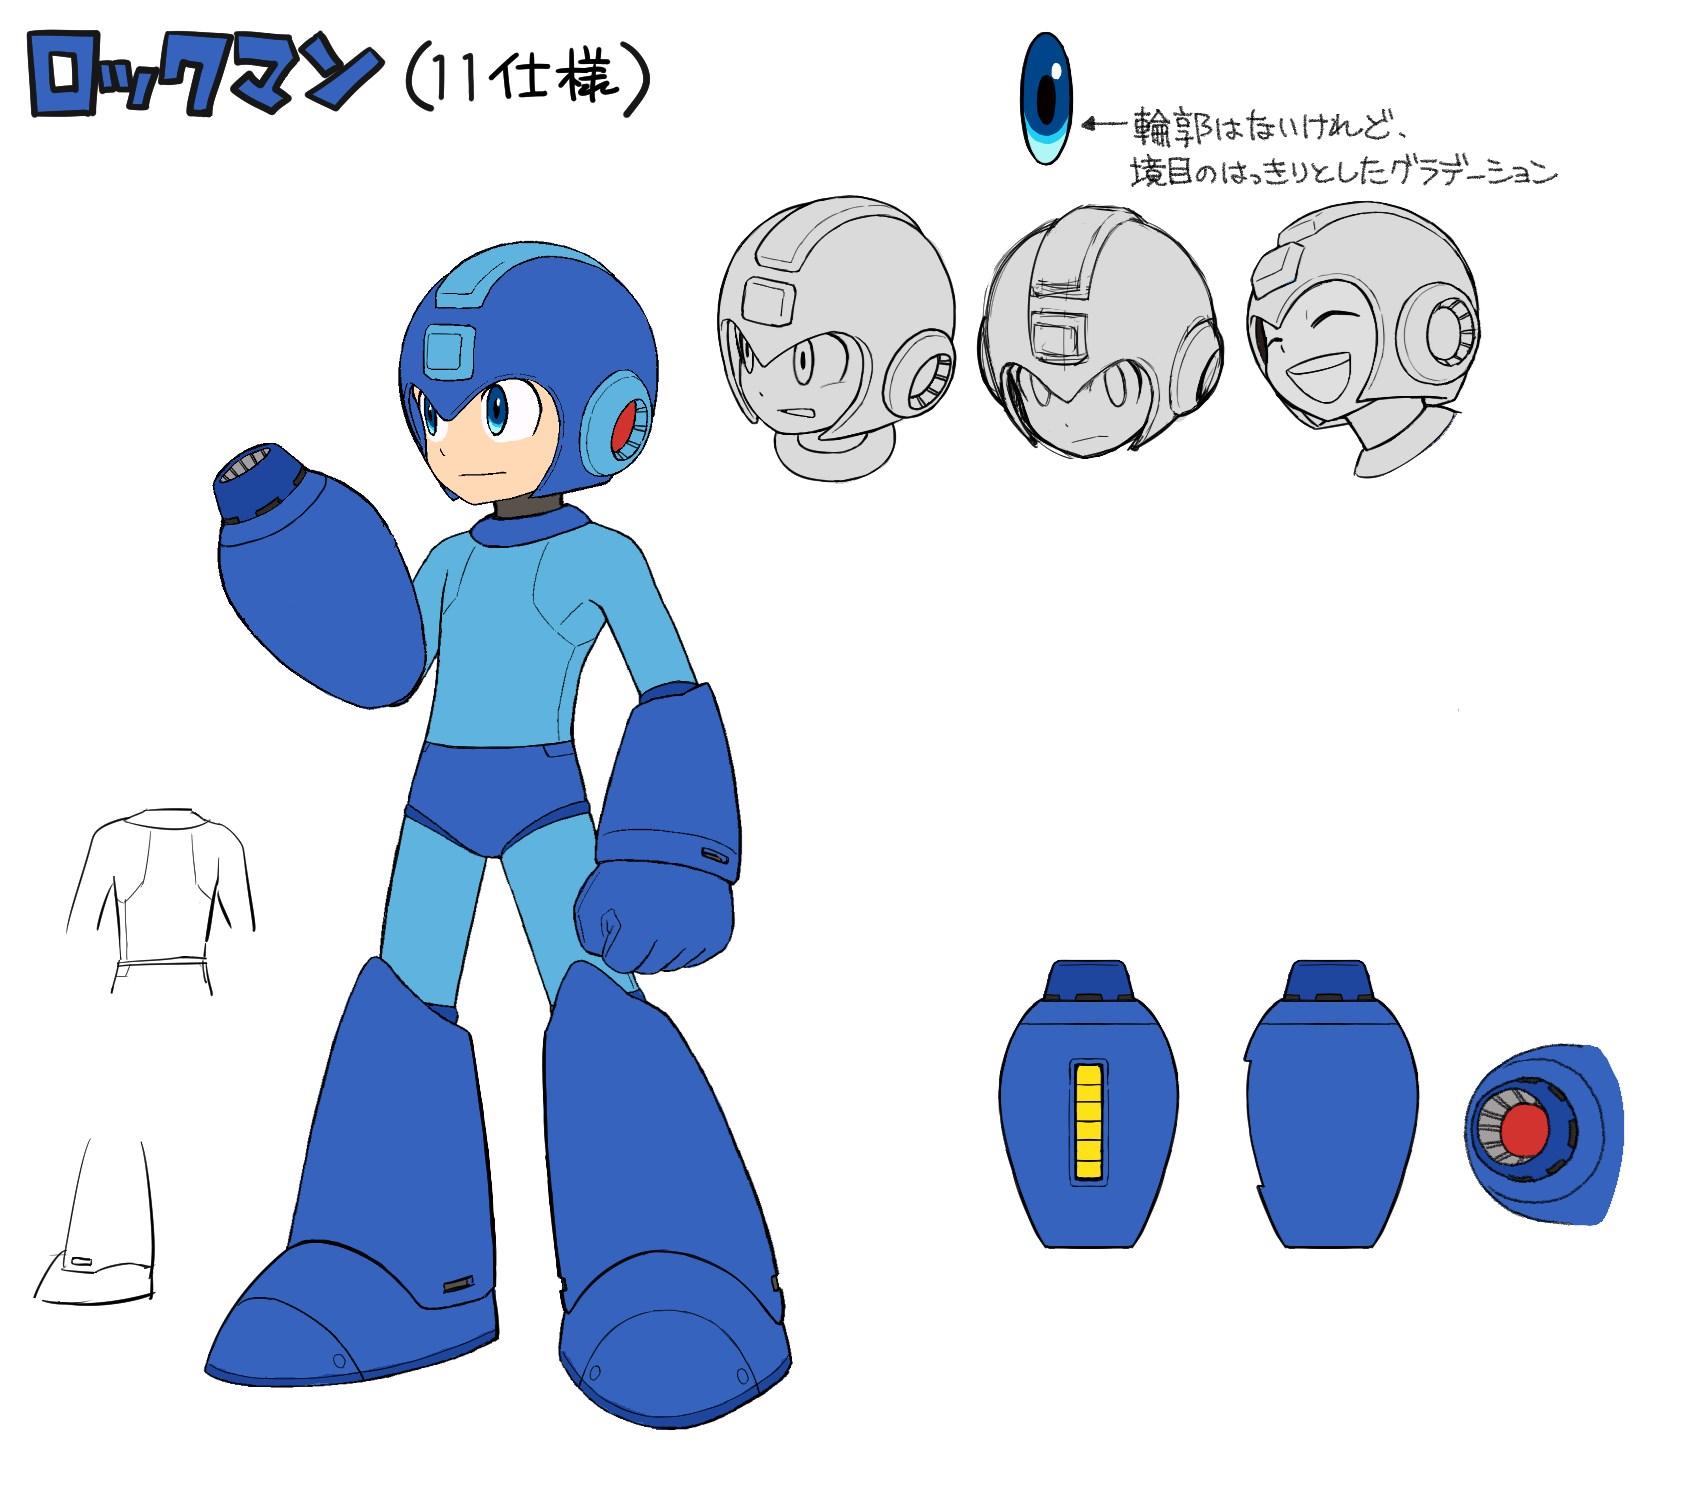 Mega Man 11 Character Concept Art